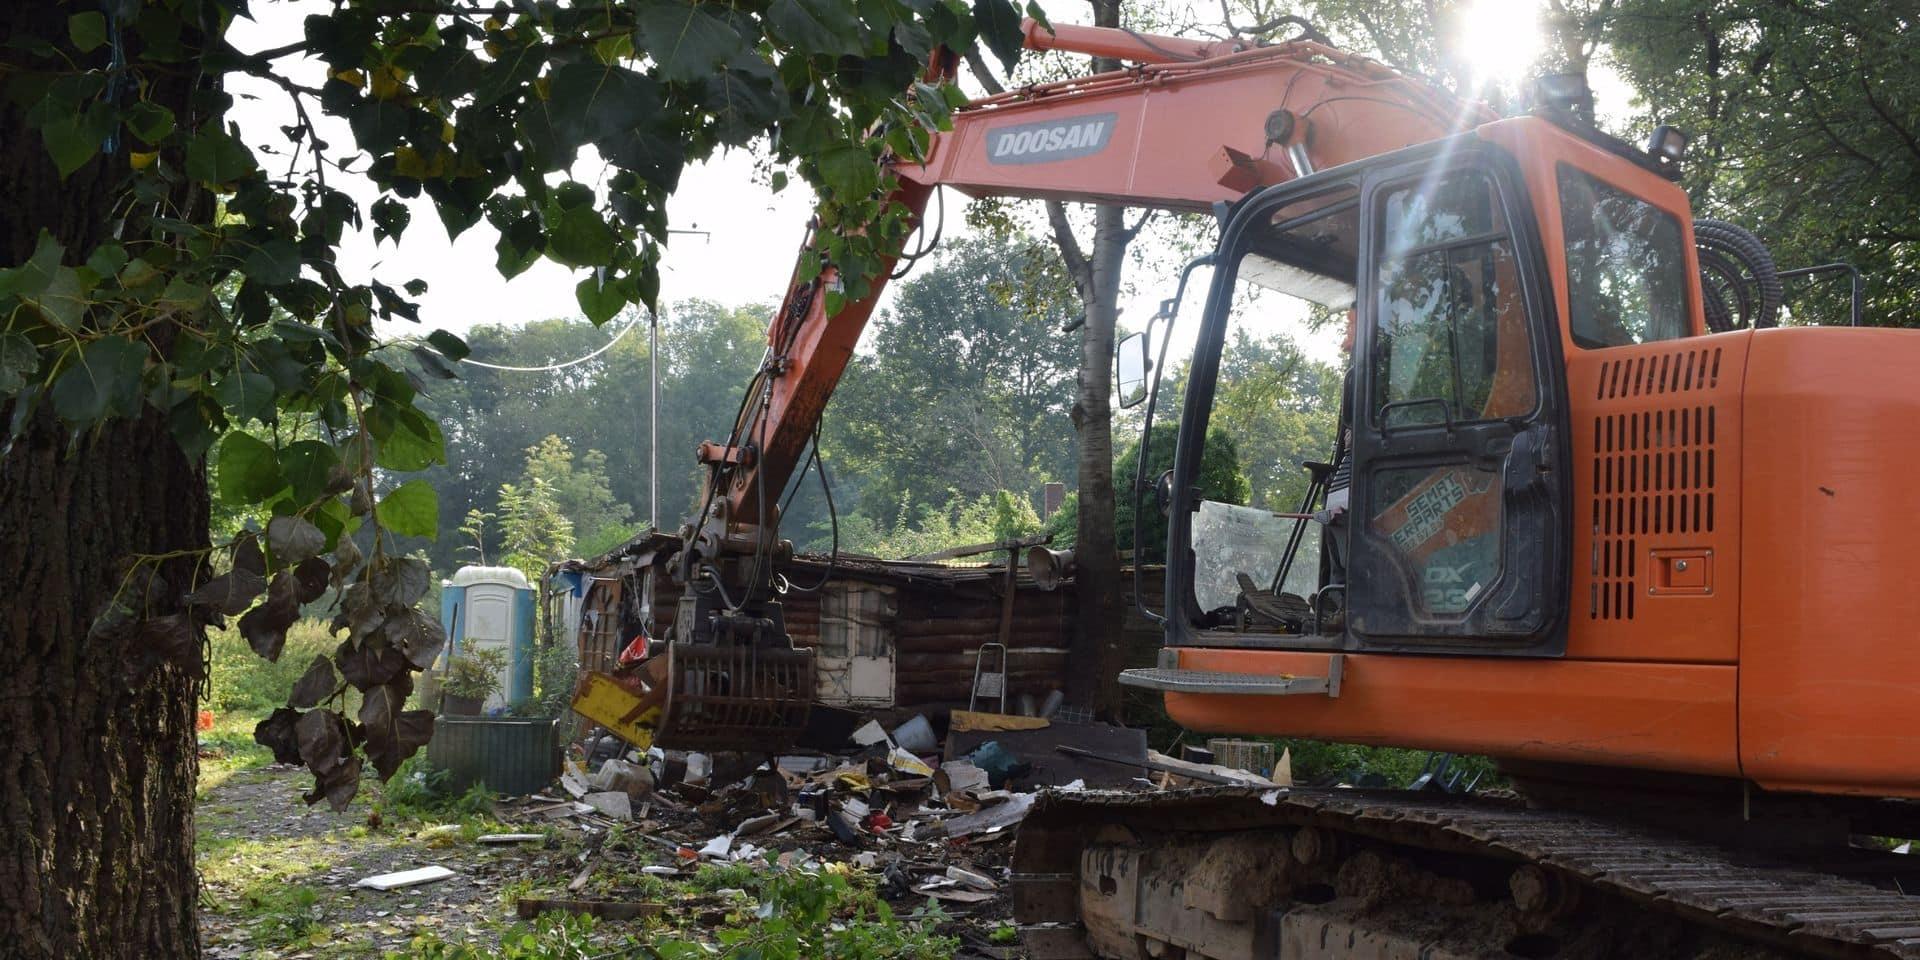 À la chasse aux déchets dans les carrières de Pontaury et Onoz